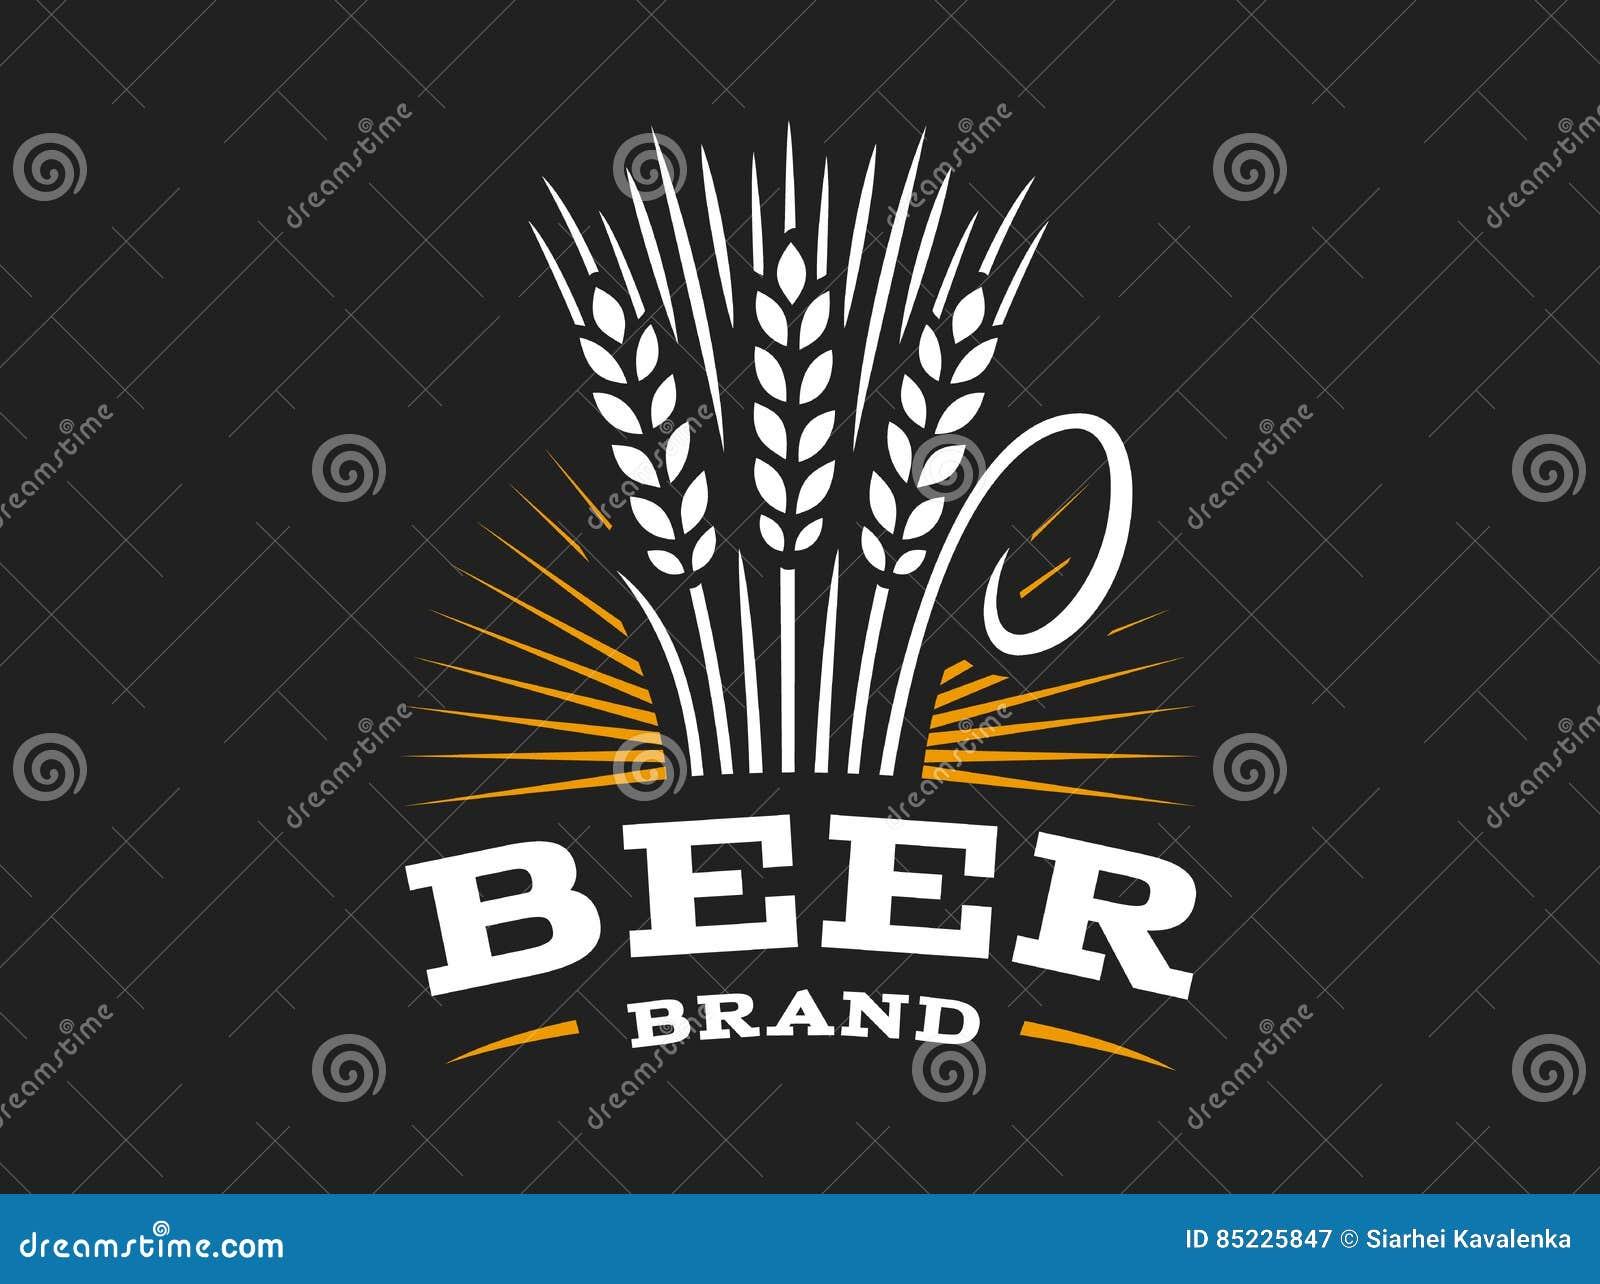 Bierweizenlogo - vector Illustration, Ohremblem auf schwarzem Hintergrund